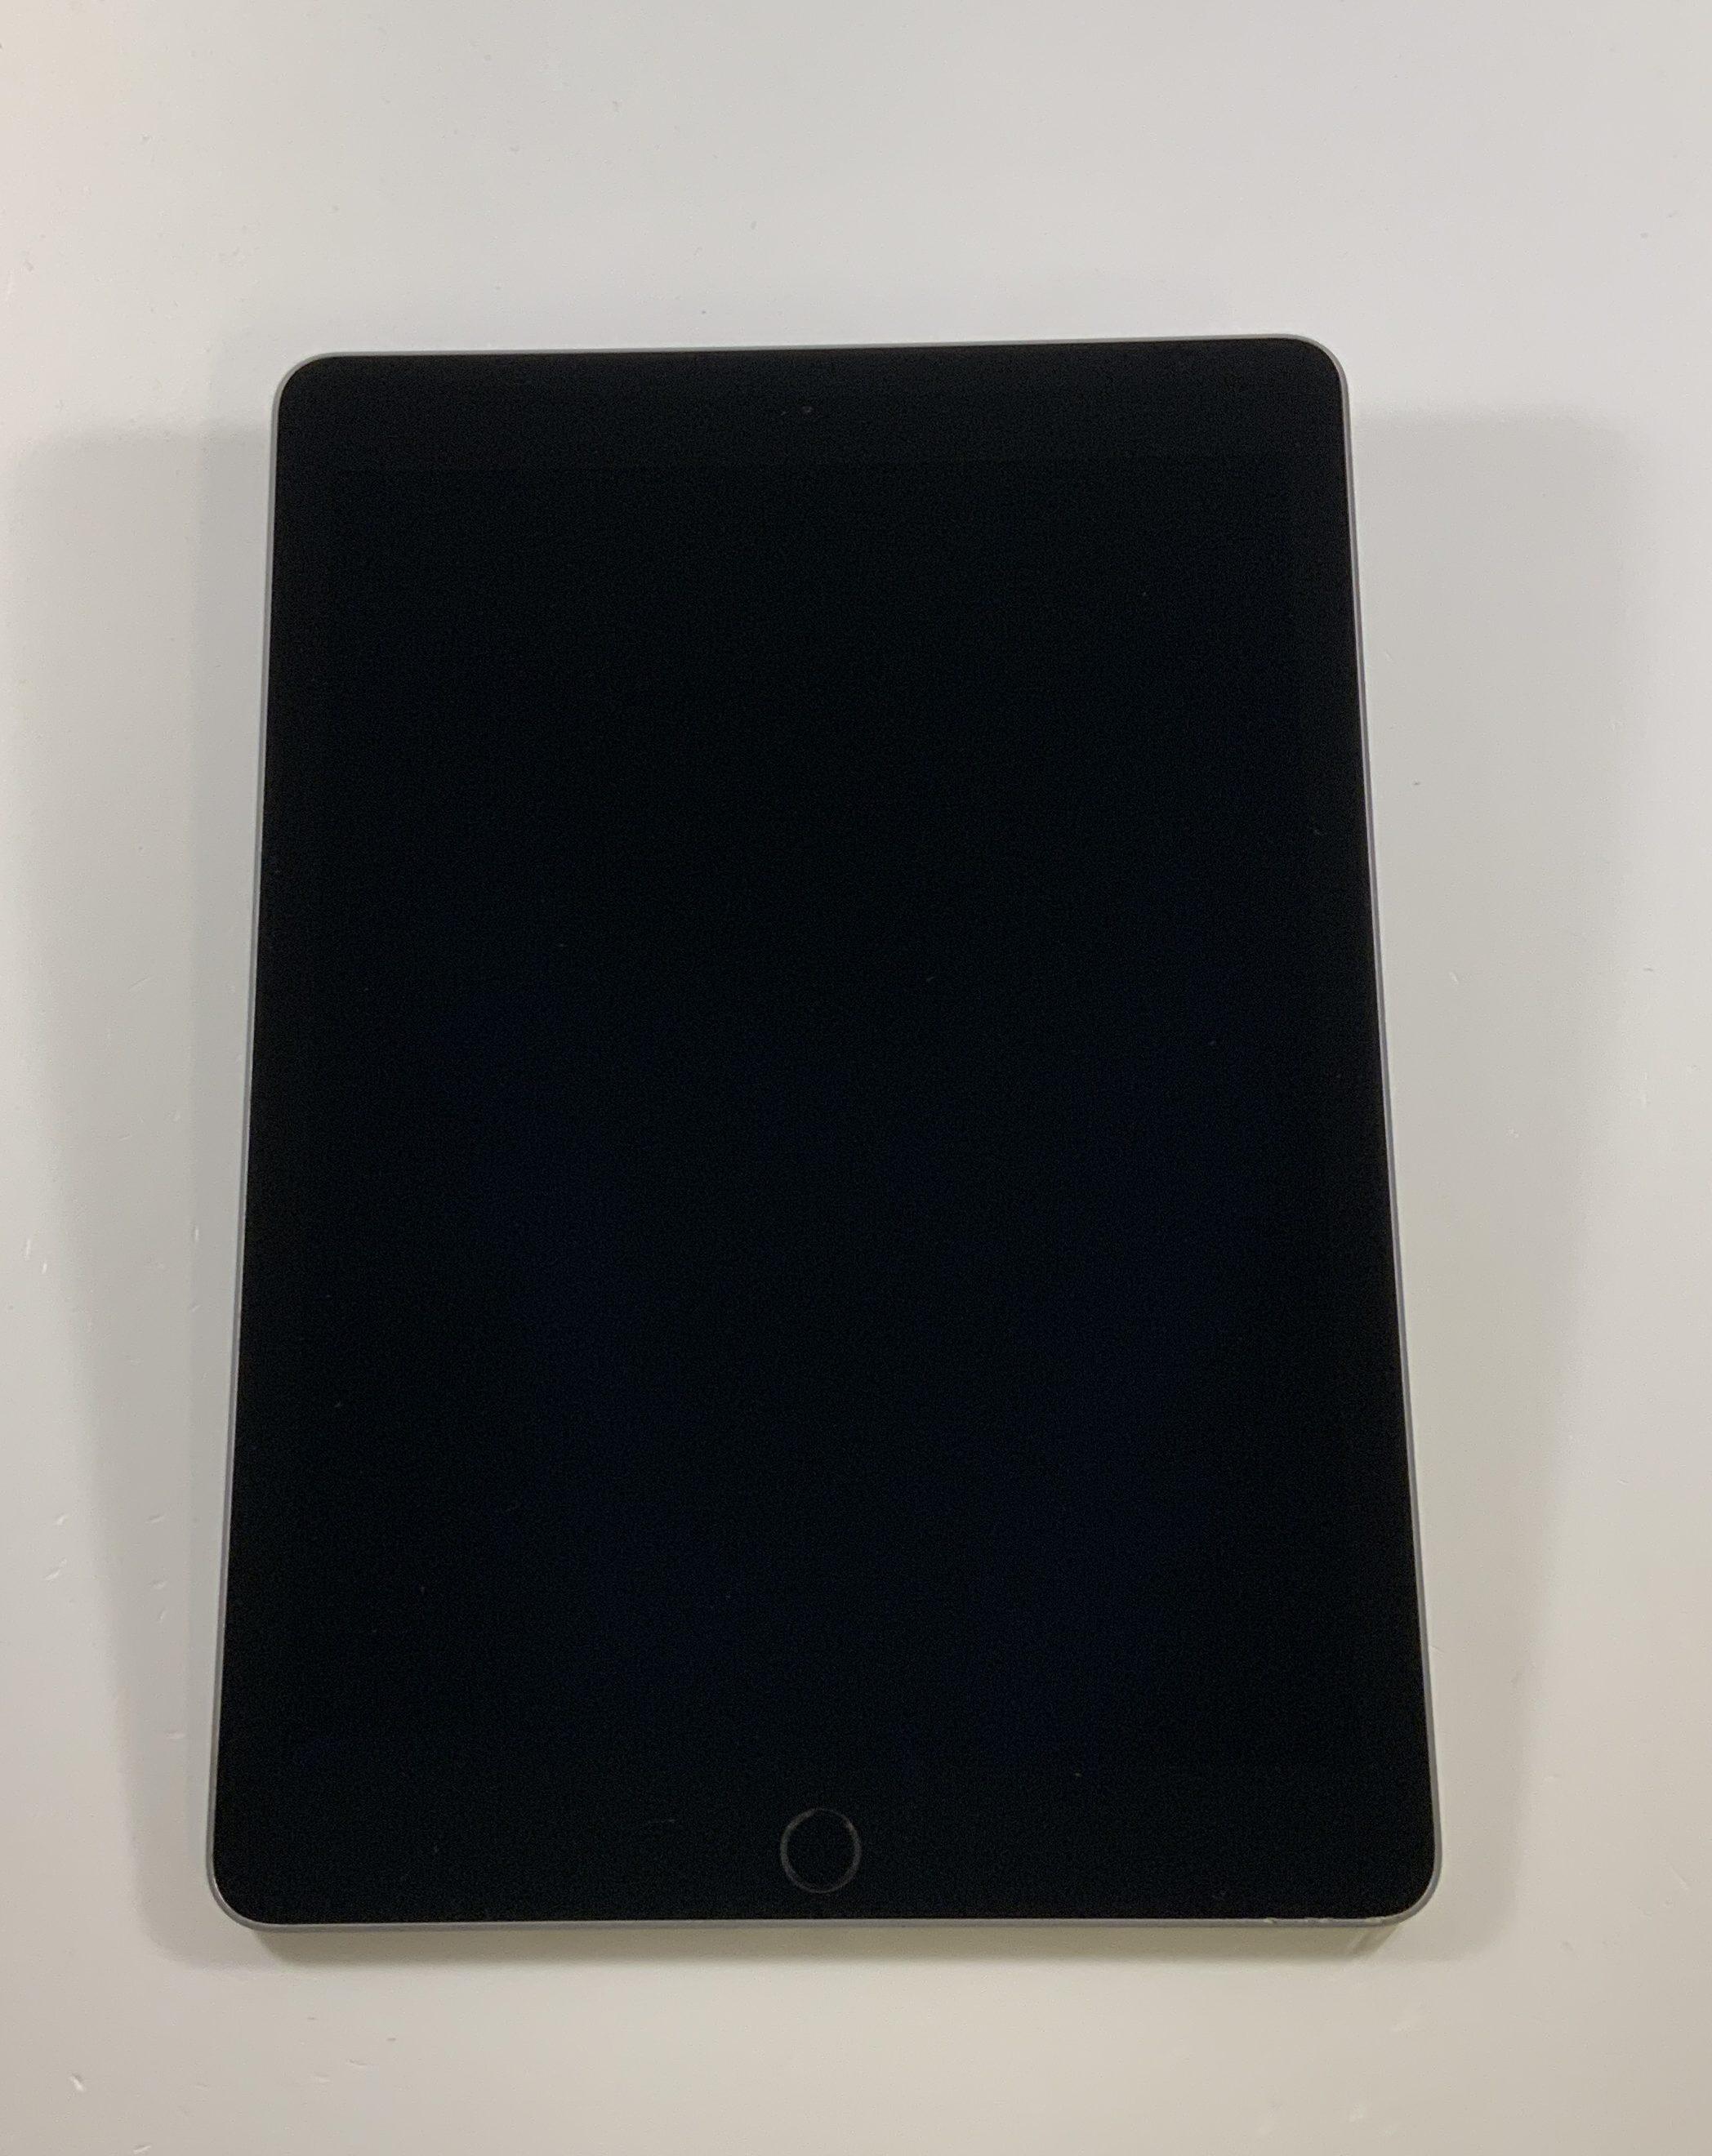 iPad Air 2 Wi-Fi 16GB, 16GB, Space Gray, Afbeelding 1